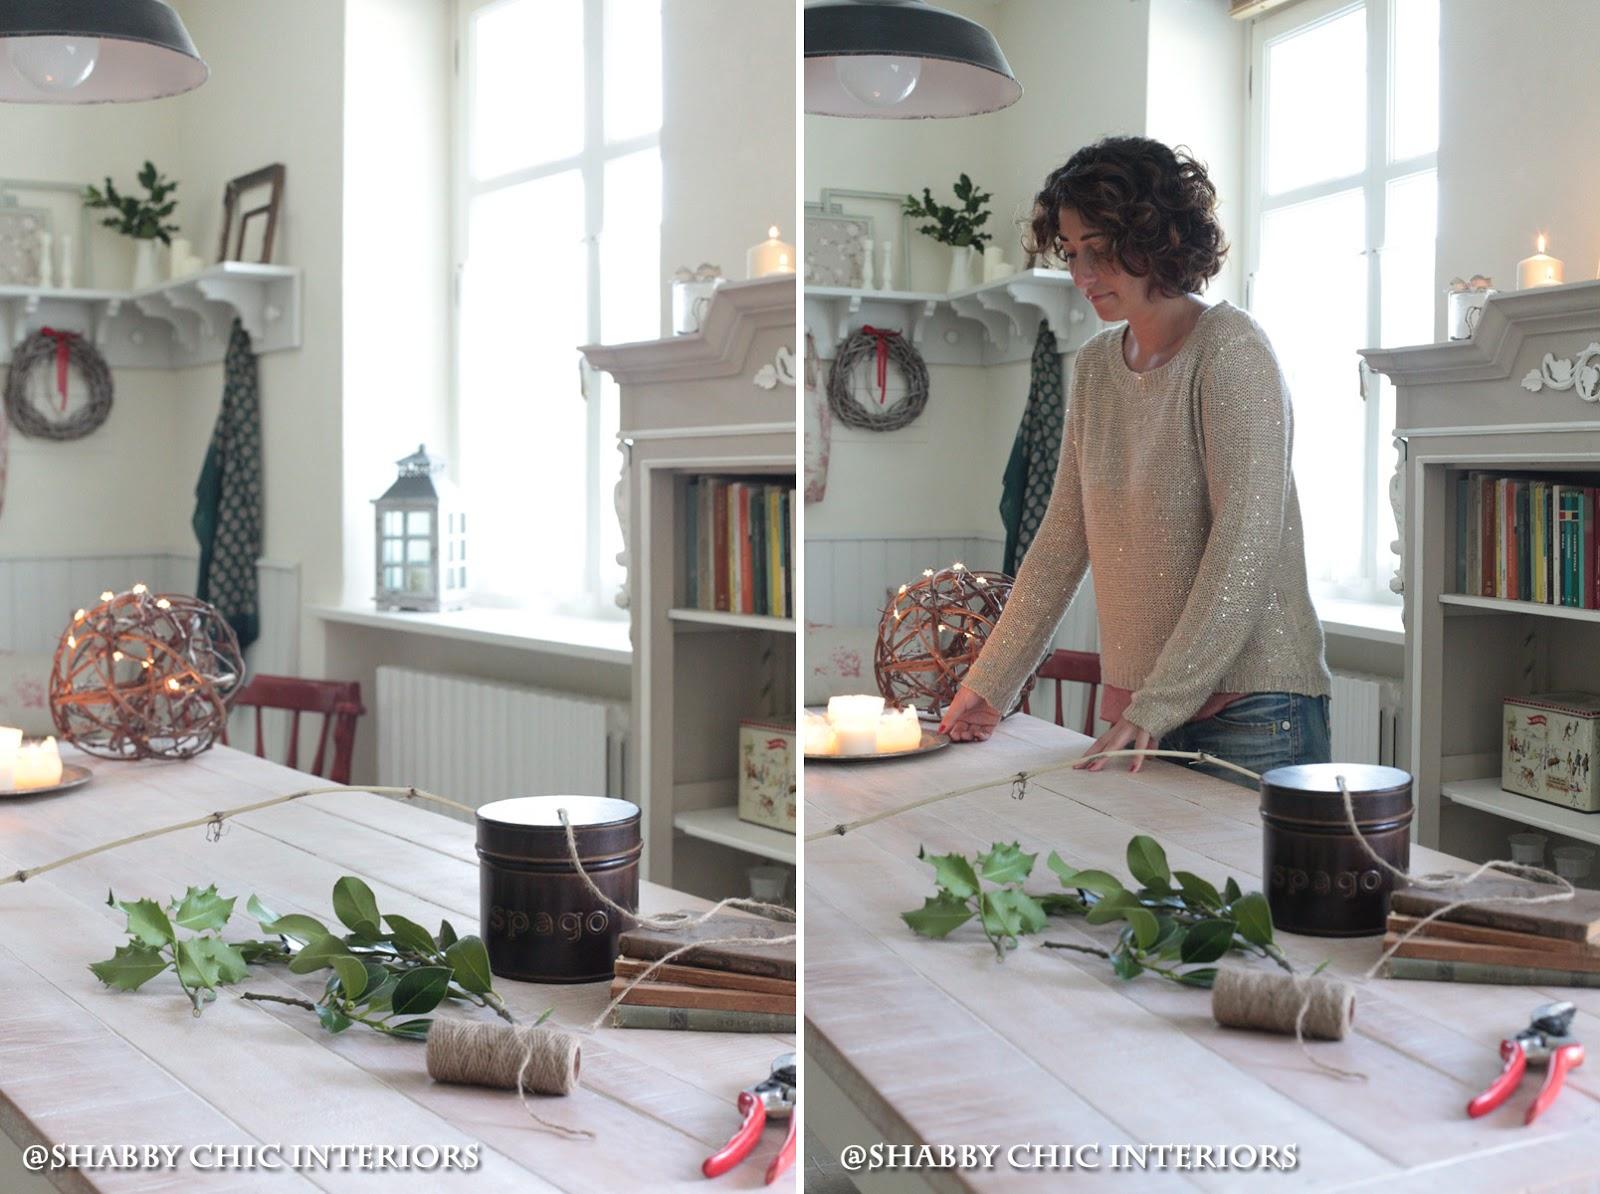 Tutorial ghirlanda di natale shabby chic interiors - Addobbare le finestre per natale ...